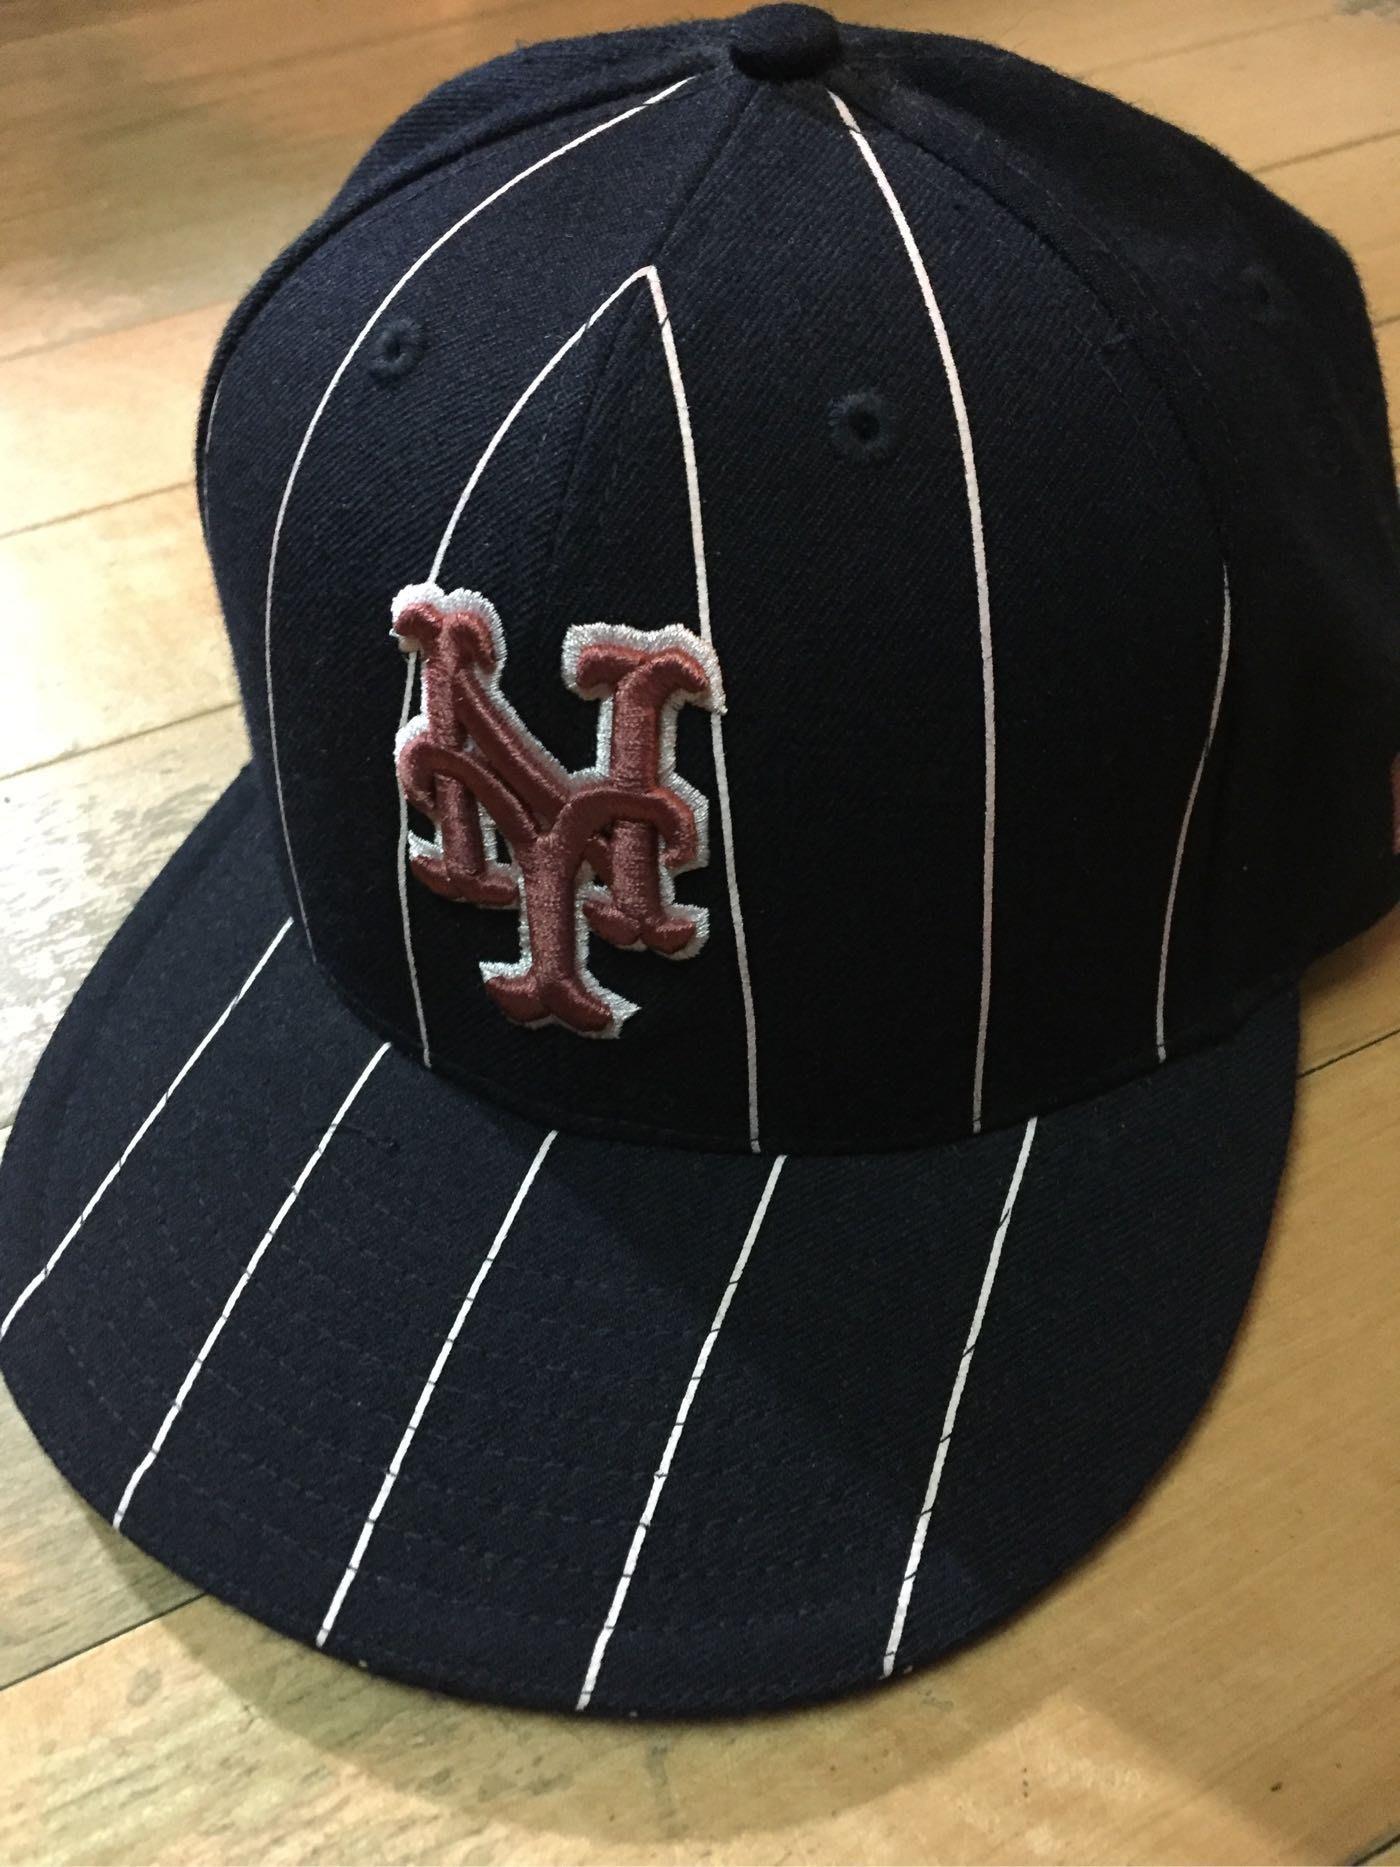 保證真品超低價!STUSSY x NEW ERA翻玩紐約大都會Mets NY logo全封棒球帽Baseball Cap